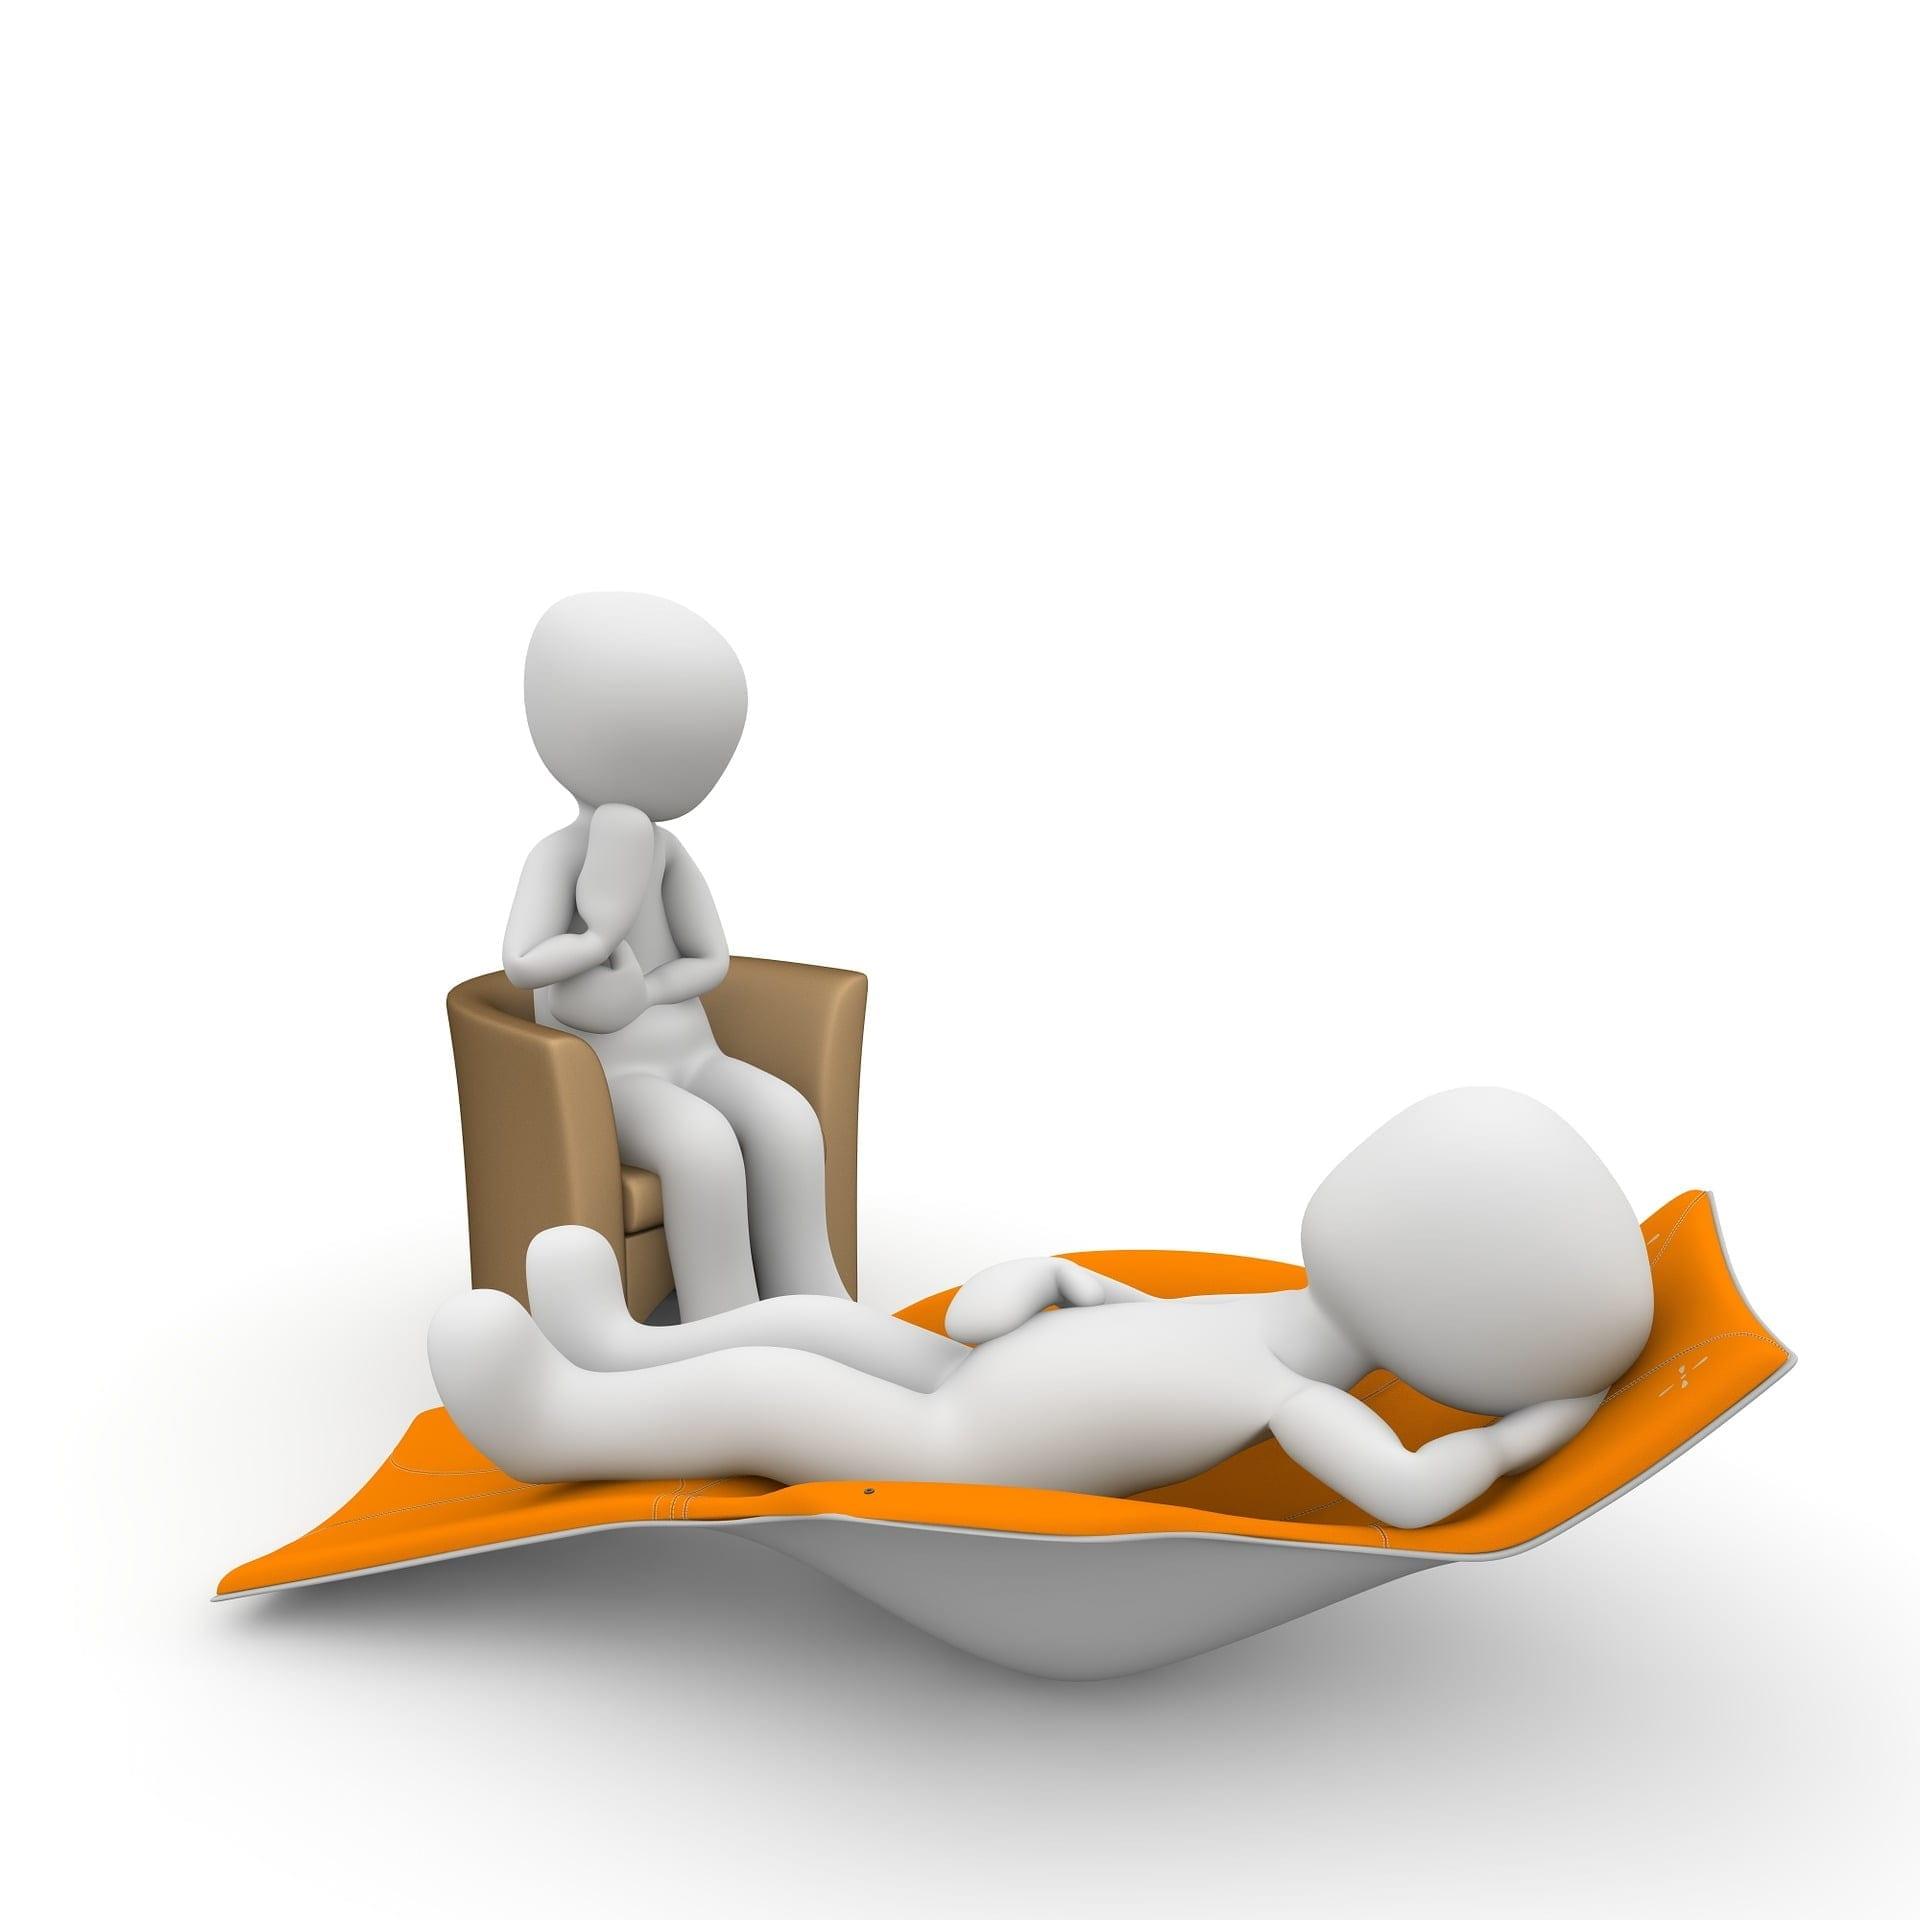 cum se desfasoara sedinta de psihoterapie